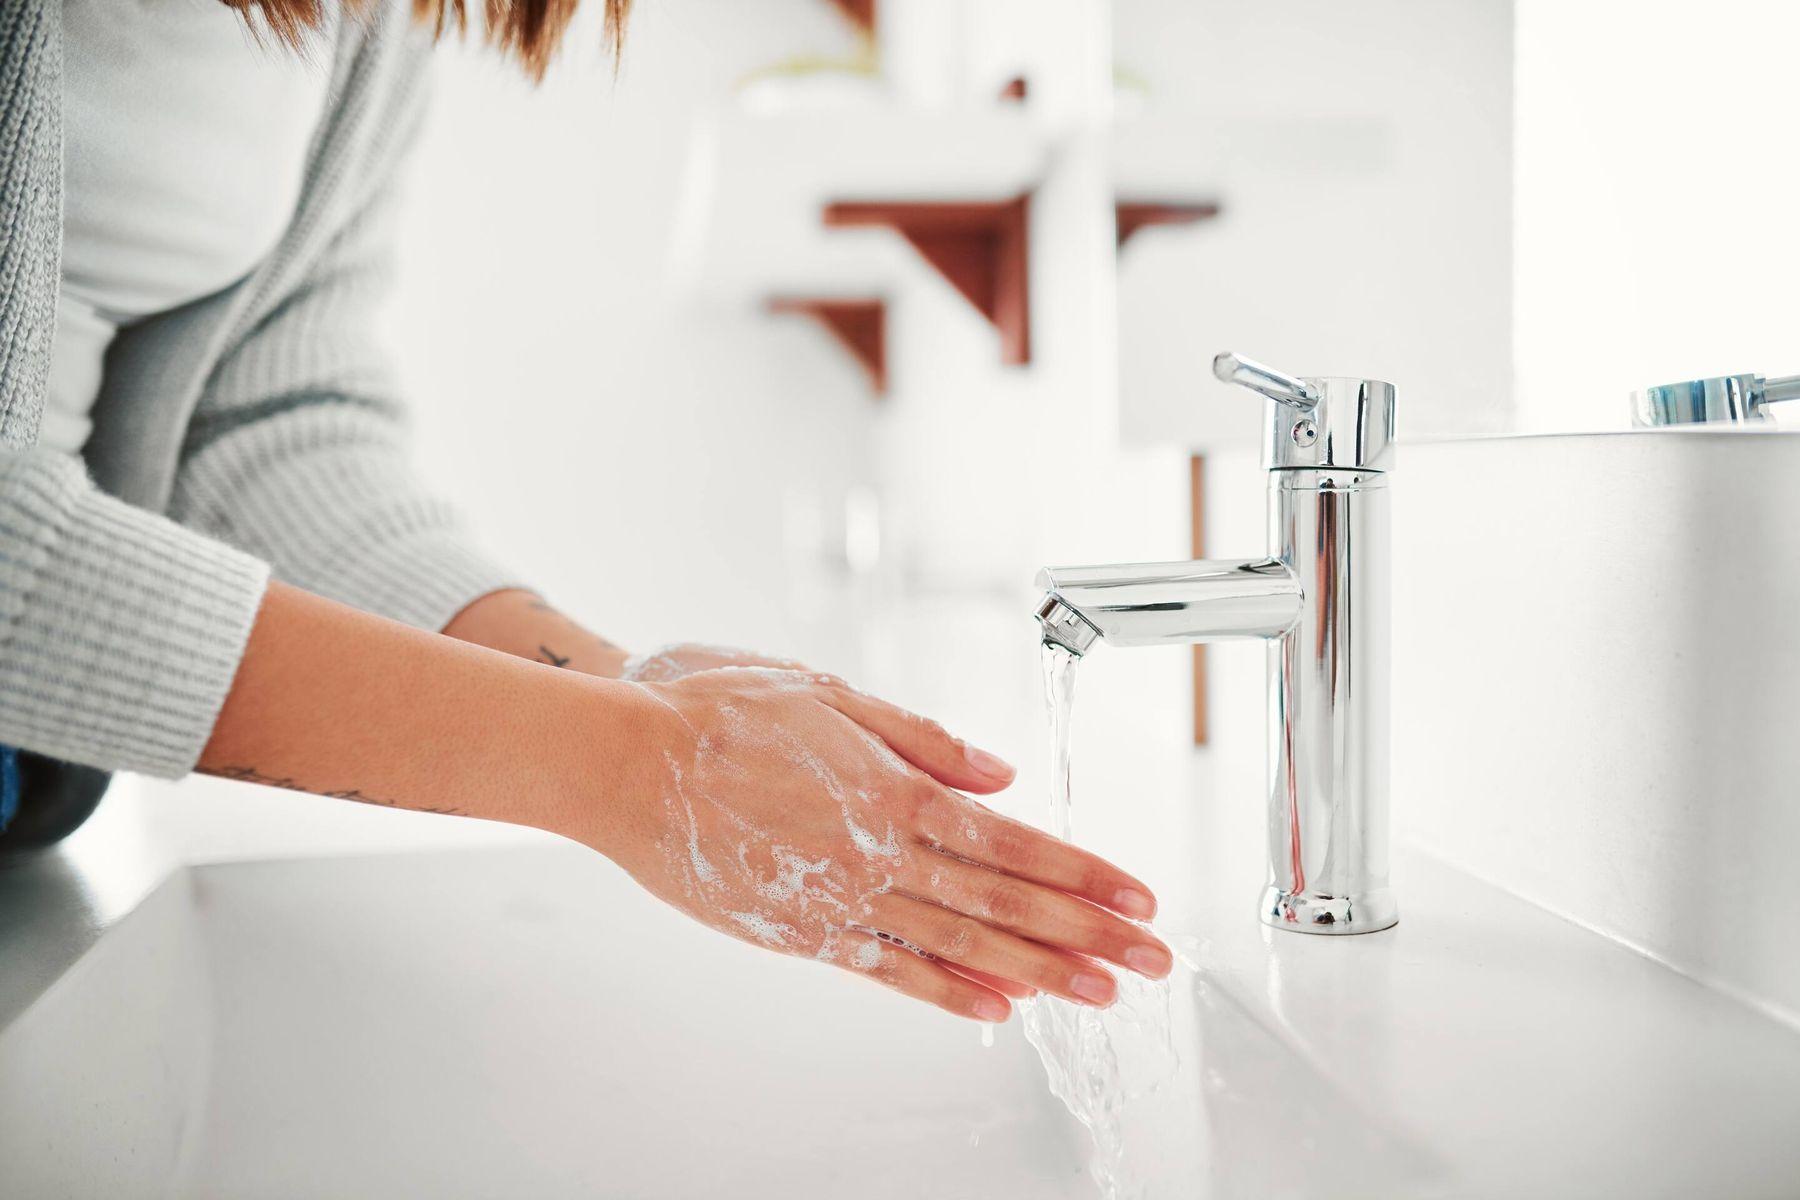 mujer lavarse las manos